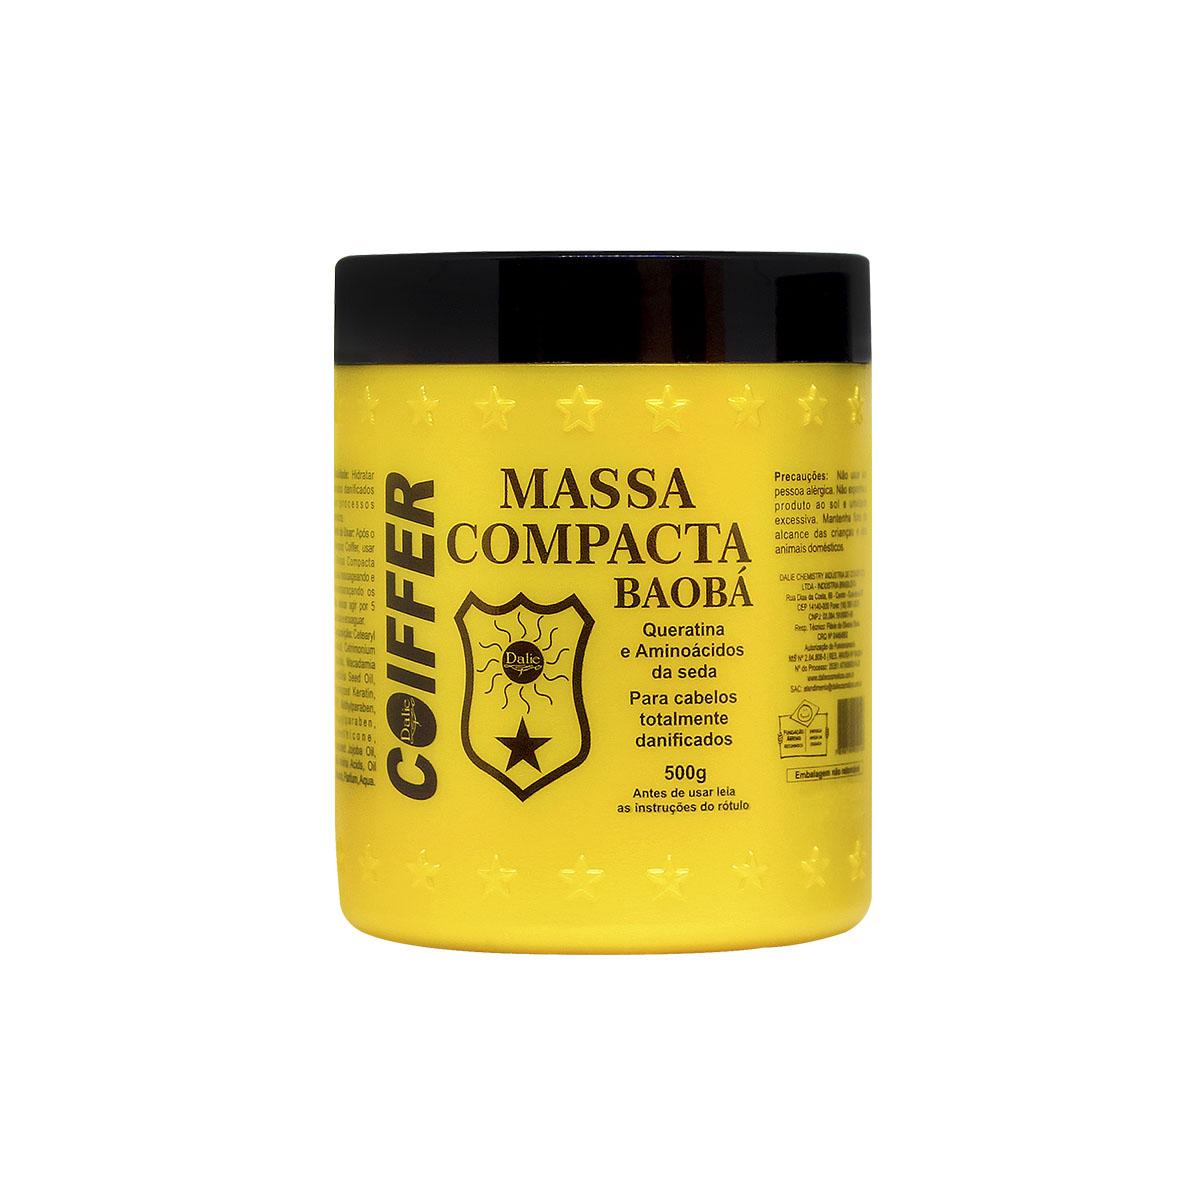 Mascara Capilar Capilar Massa Compacta Baoba Coiffer 500g